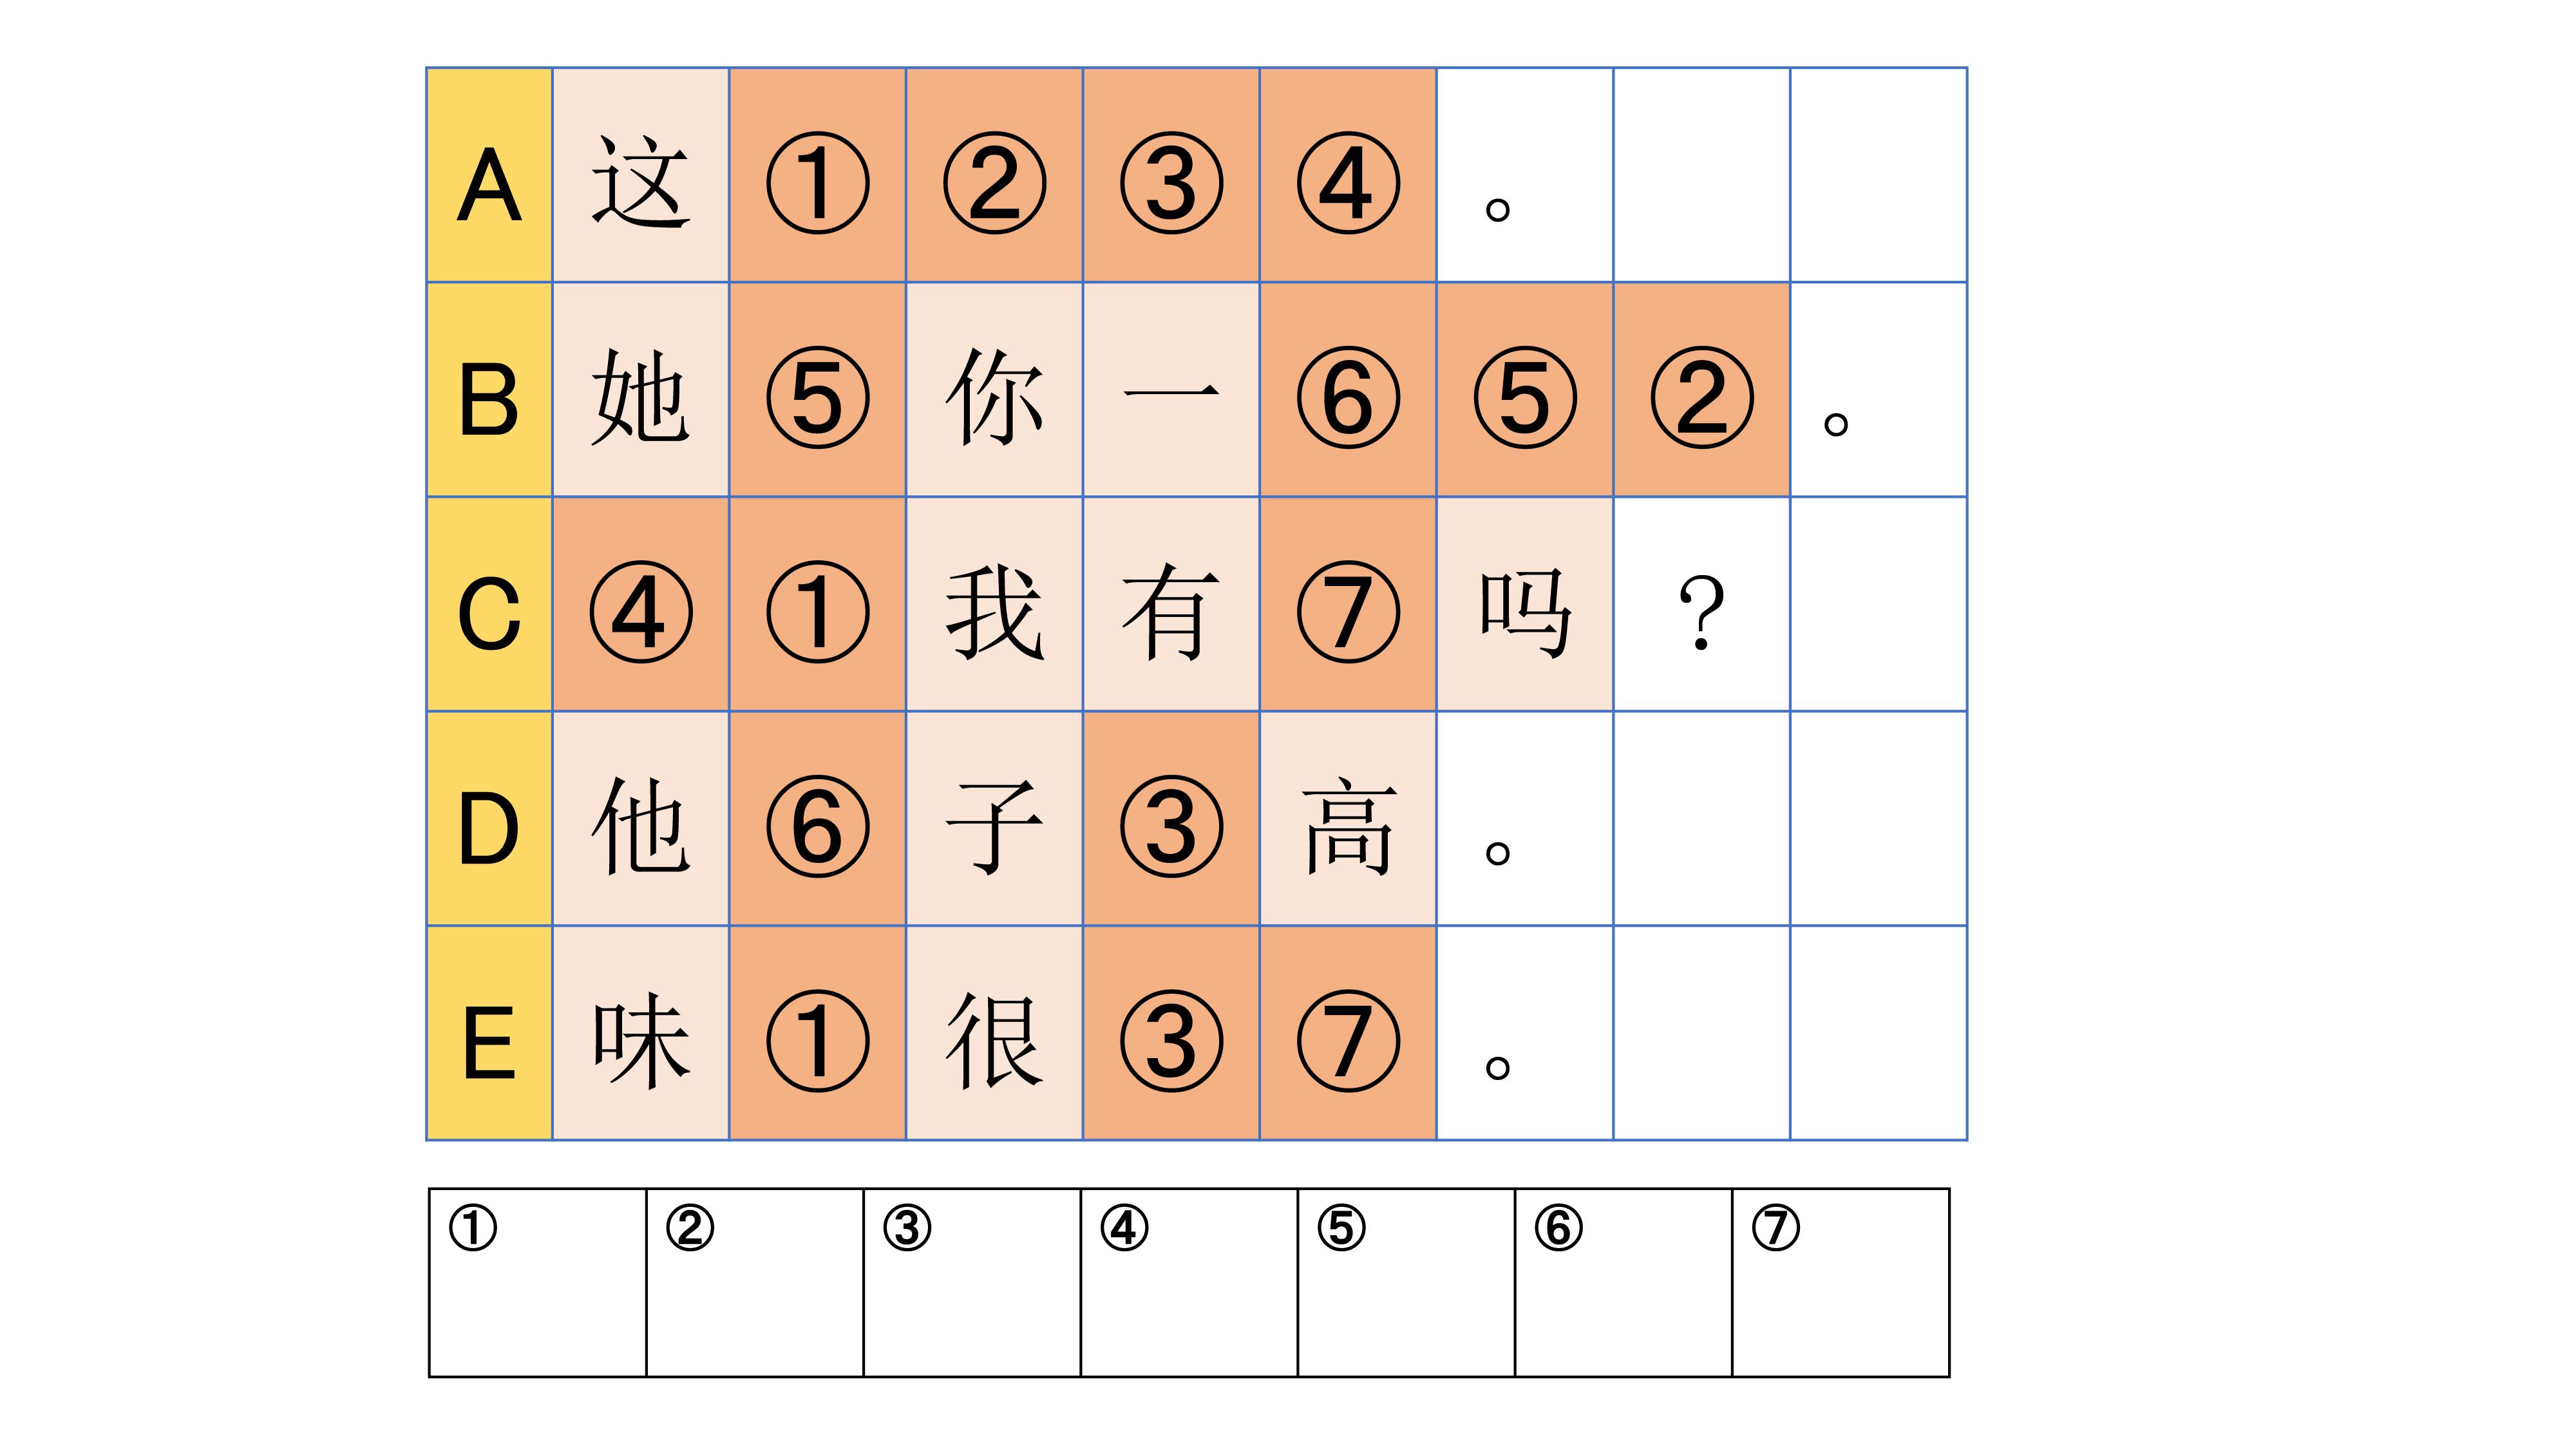 中国語でワードパズル チャイトレ 第6回 駿河台出版社